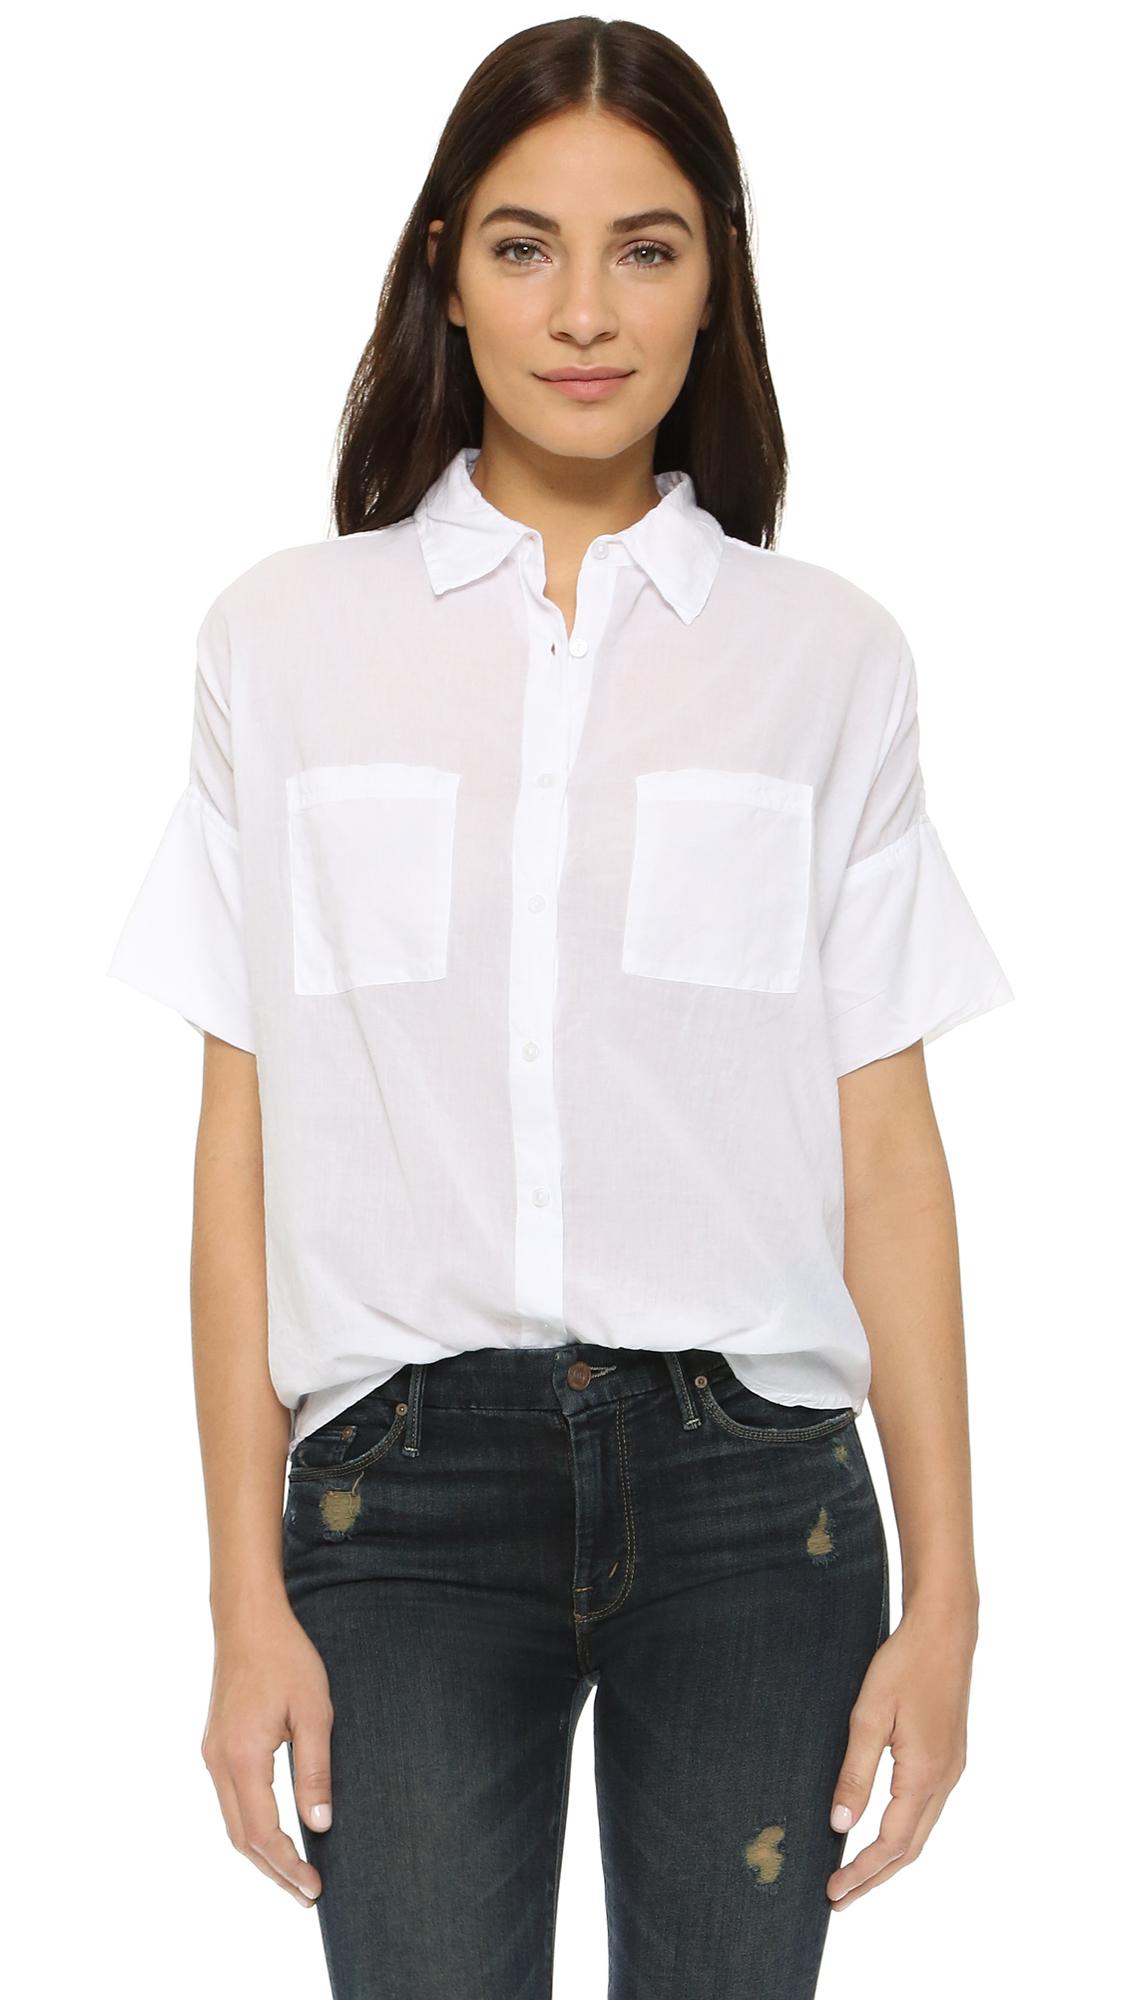 220e61face44fe Sundry Short Sleeve Blouse in White - Lyst